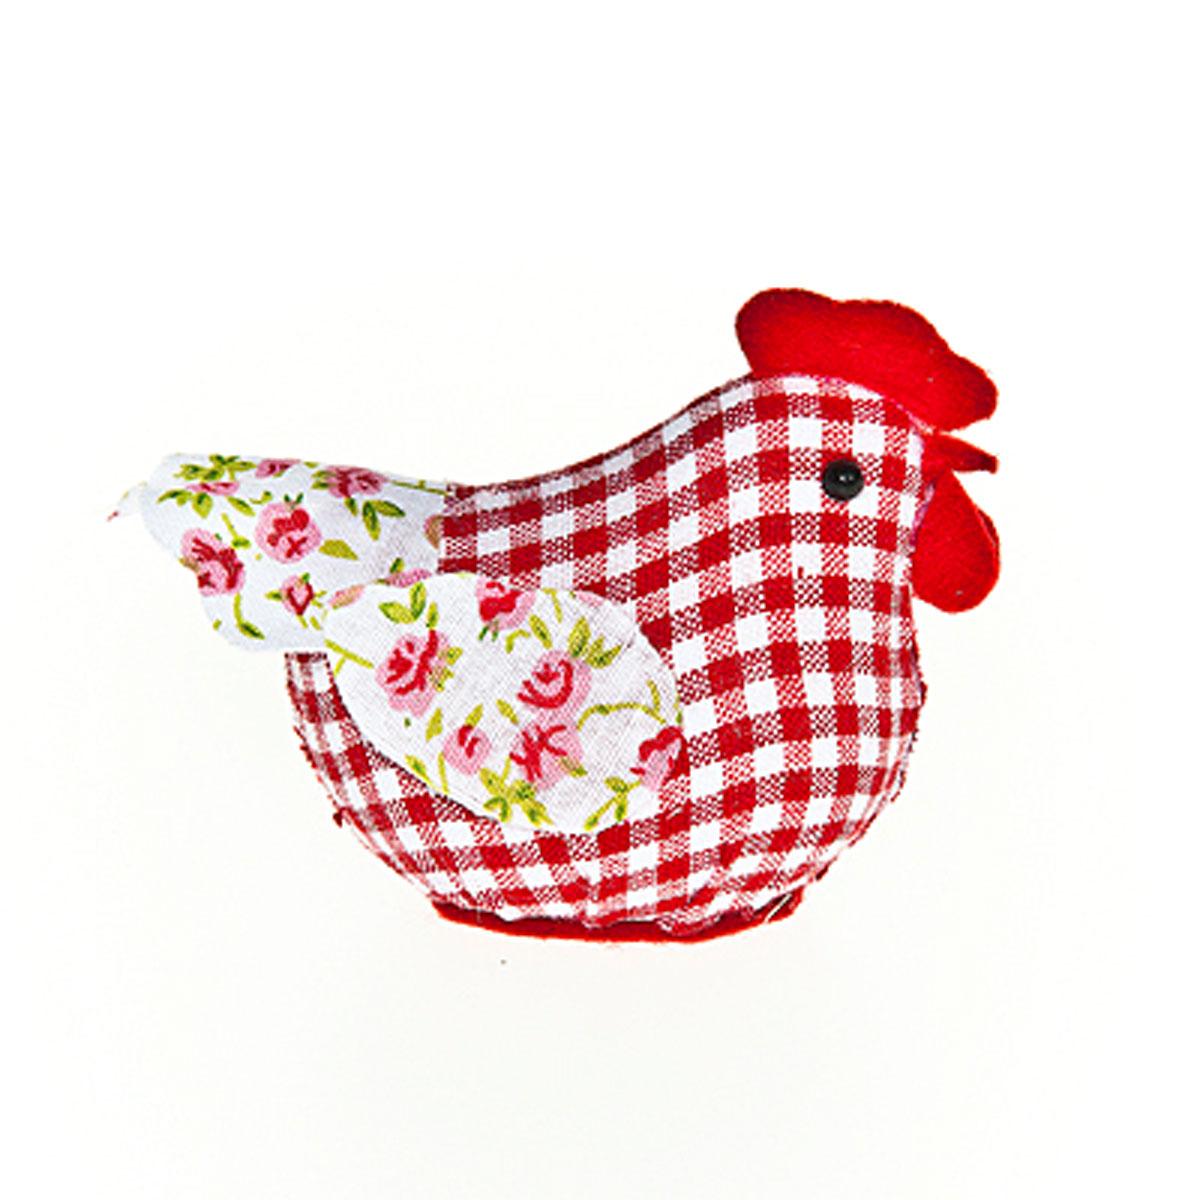 Декоративная статуэтка Home Queen Курочка, рисунок: клетка64172_3Очаровательная статуэтка Home Queen Курочка станет оригинальным подарком для всех любителей стильных вещей. Она выполнена из полиэстера в виде курицы, декорированной принтом клетка. Изысканный сувенир станет прекрасным дополнением к интерьеру. Вы можете поставить статуэтку в любом месте, где она будет удачно смотреться и радовать глаз. Размер: 4 см х 8 см х 6 см.